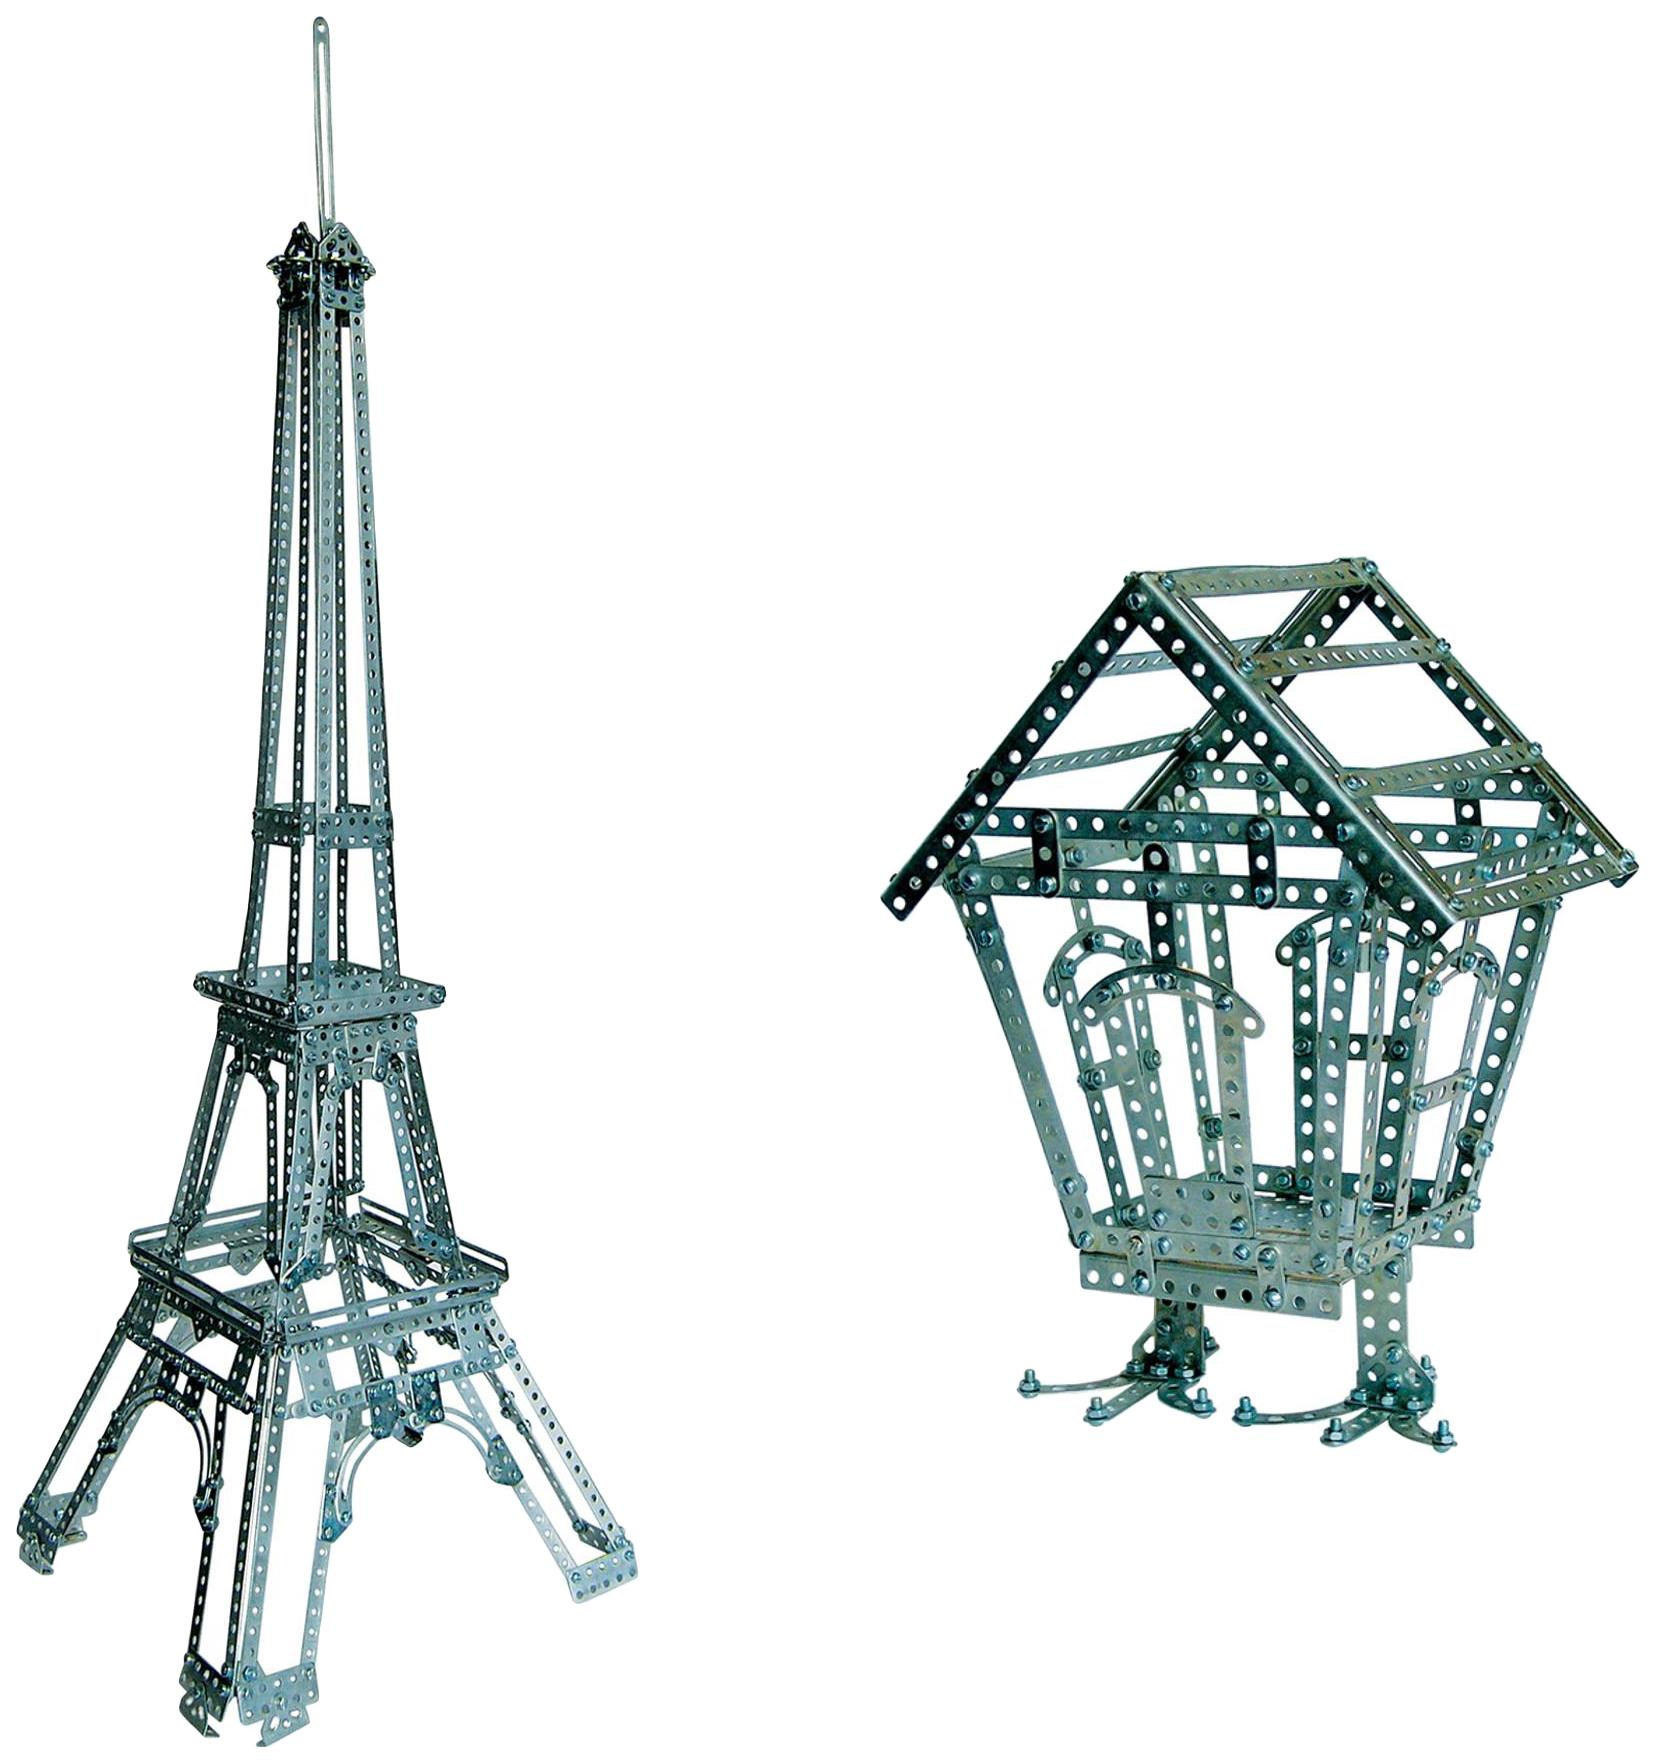 Купить Конструктор металлический эйфелева башня 977 эл Десятое королевство Р27118, Десятое Королевство, Металлические конструкторы